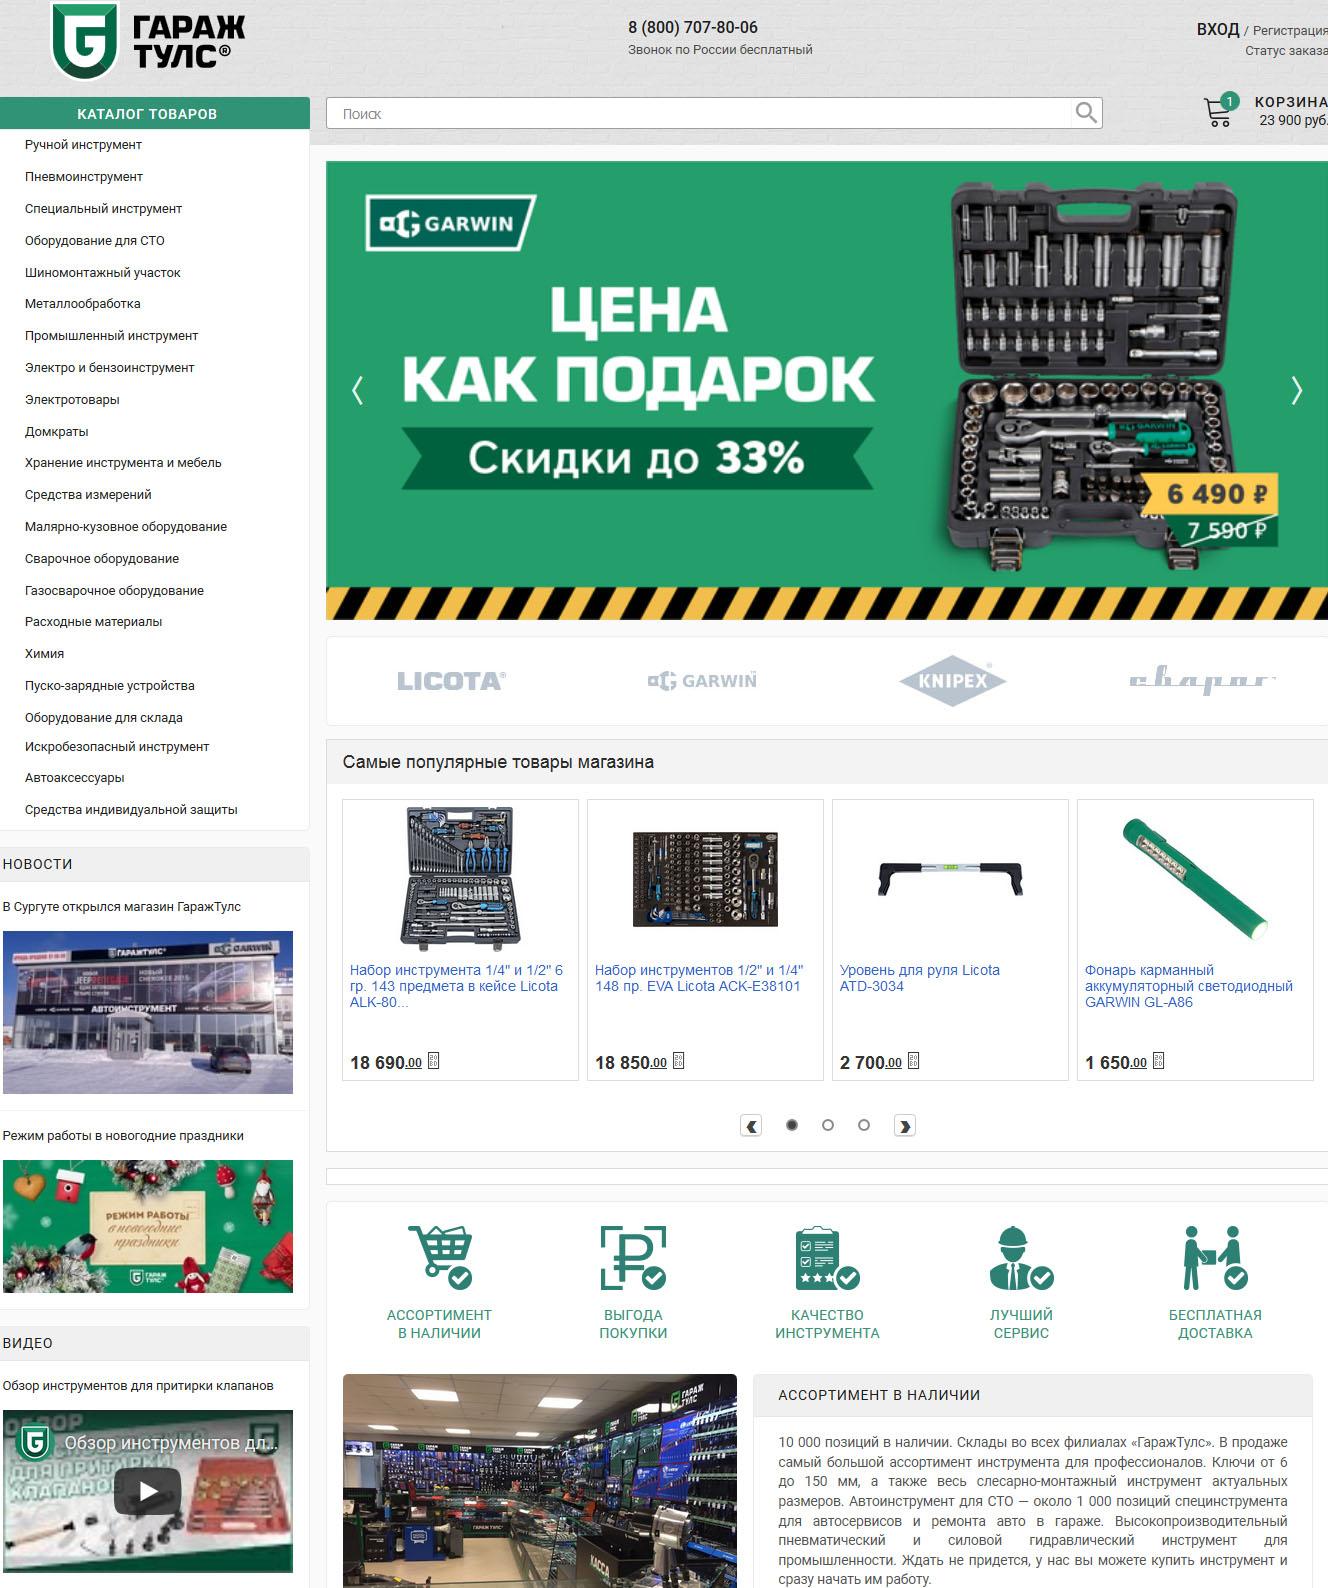 Интернет-магазин Гараж Тулс